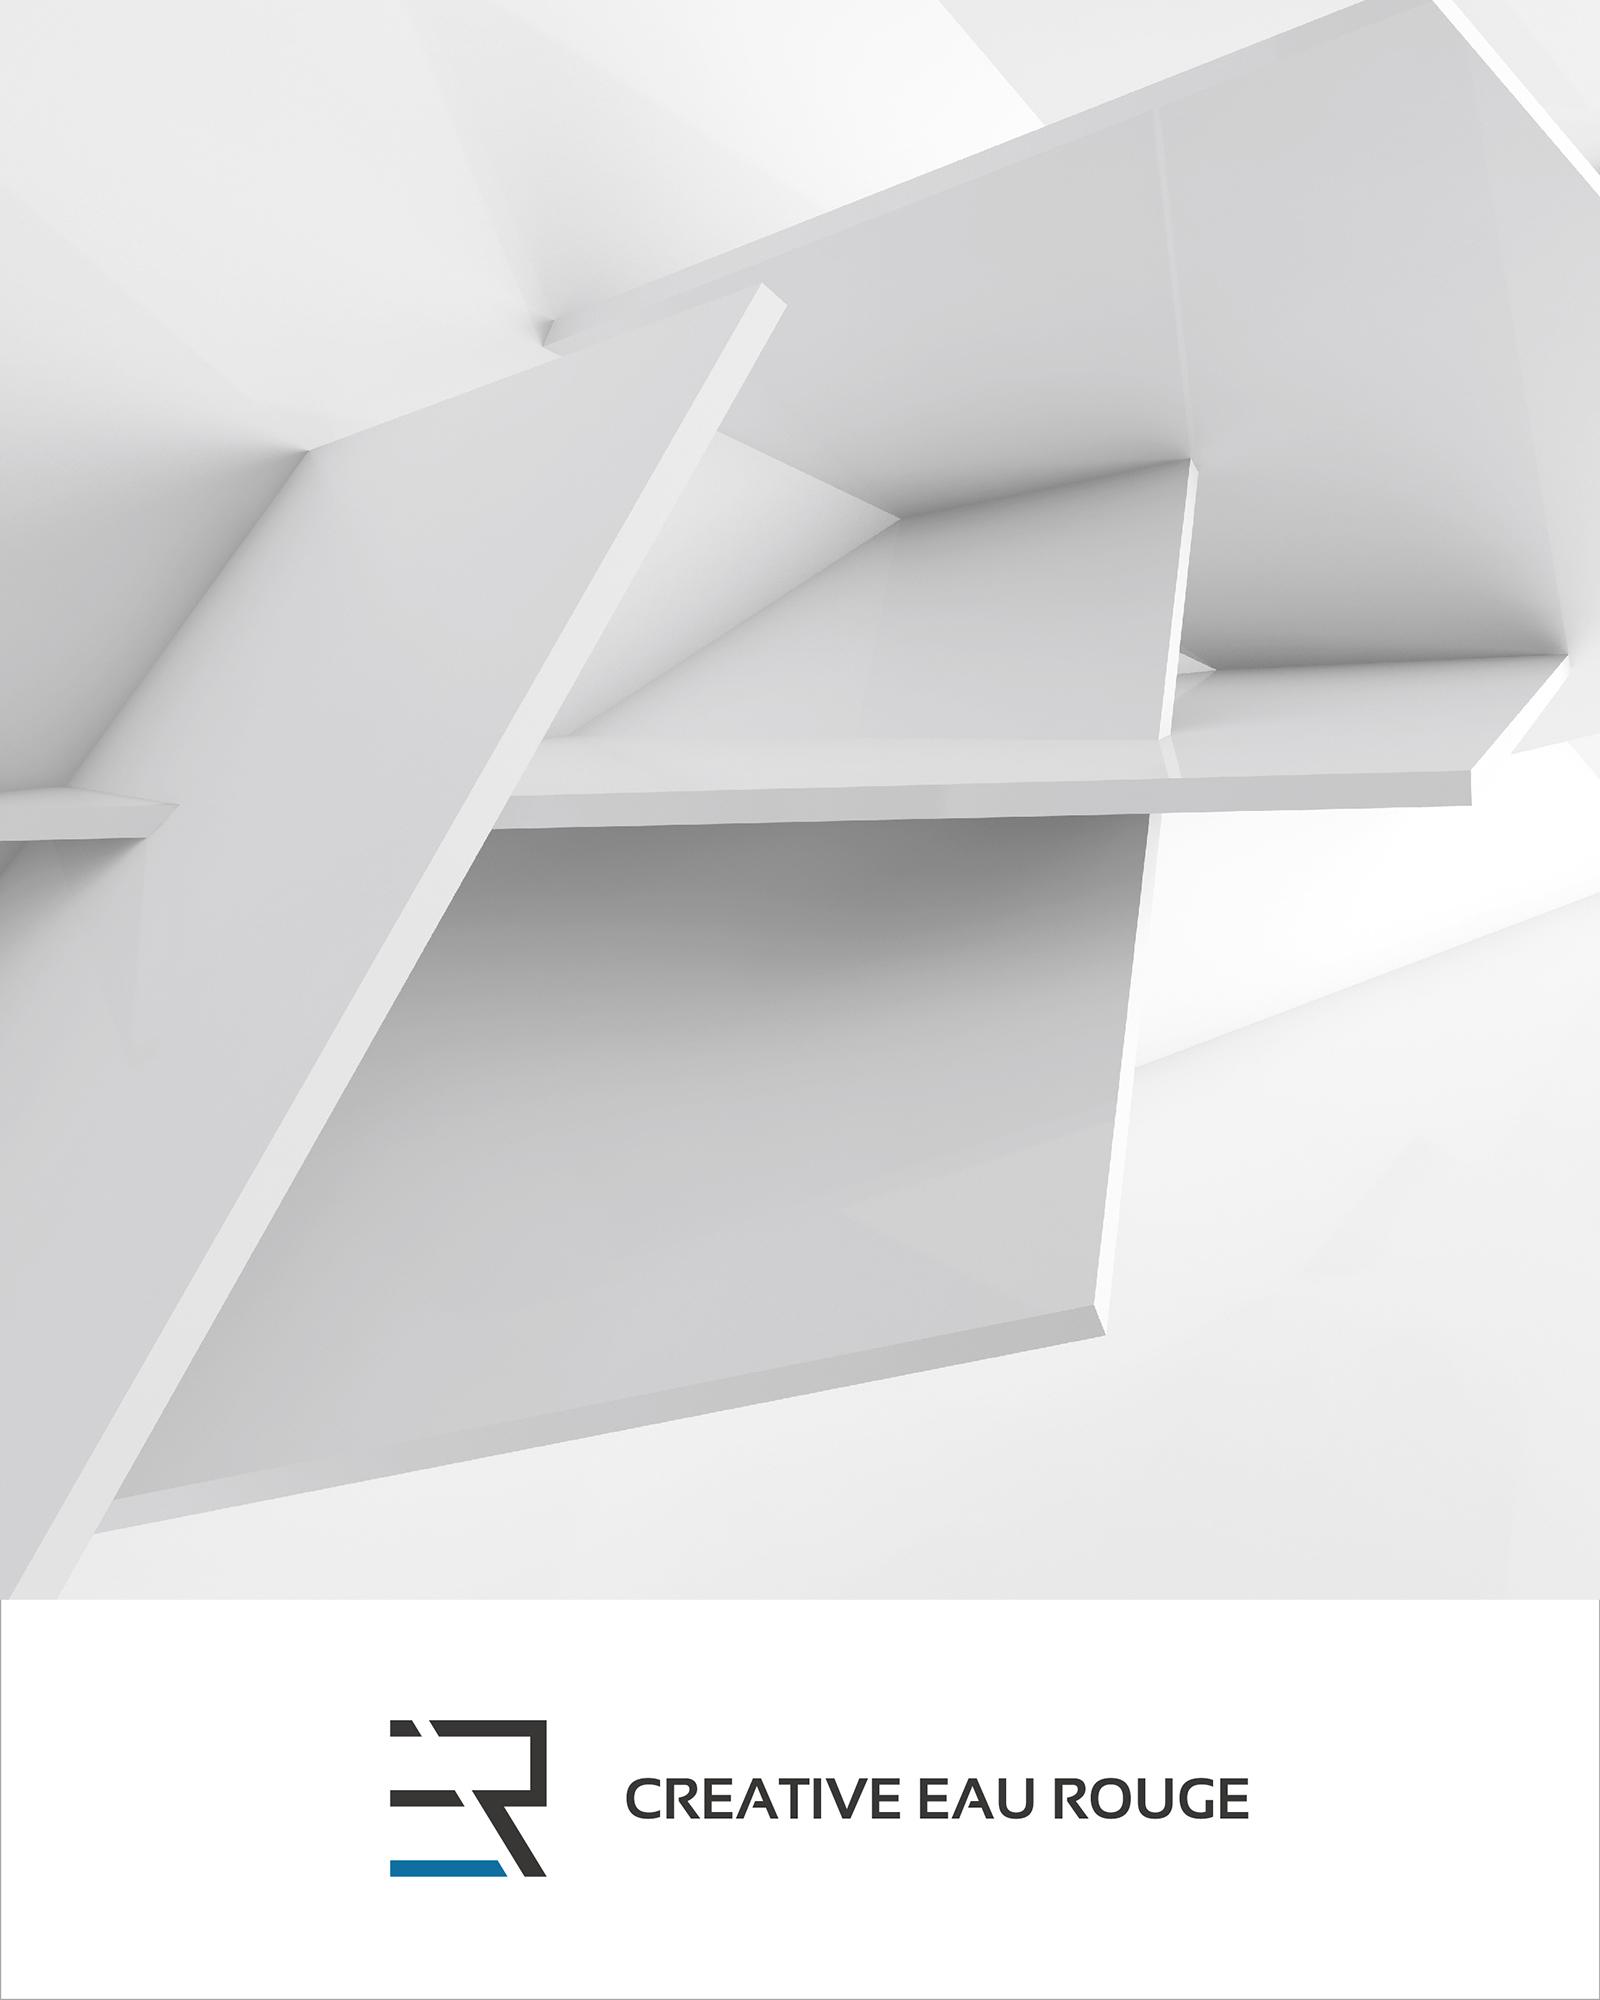 CREATIVE EAU ROUGE(クリエイティブ・オールージュ)